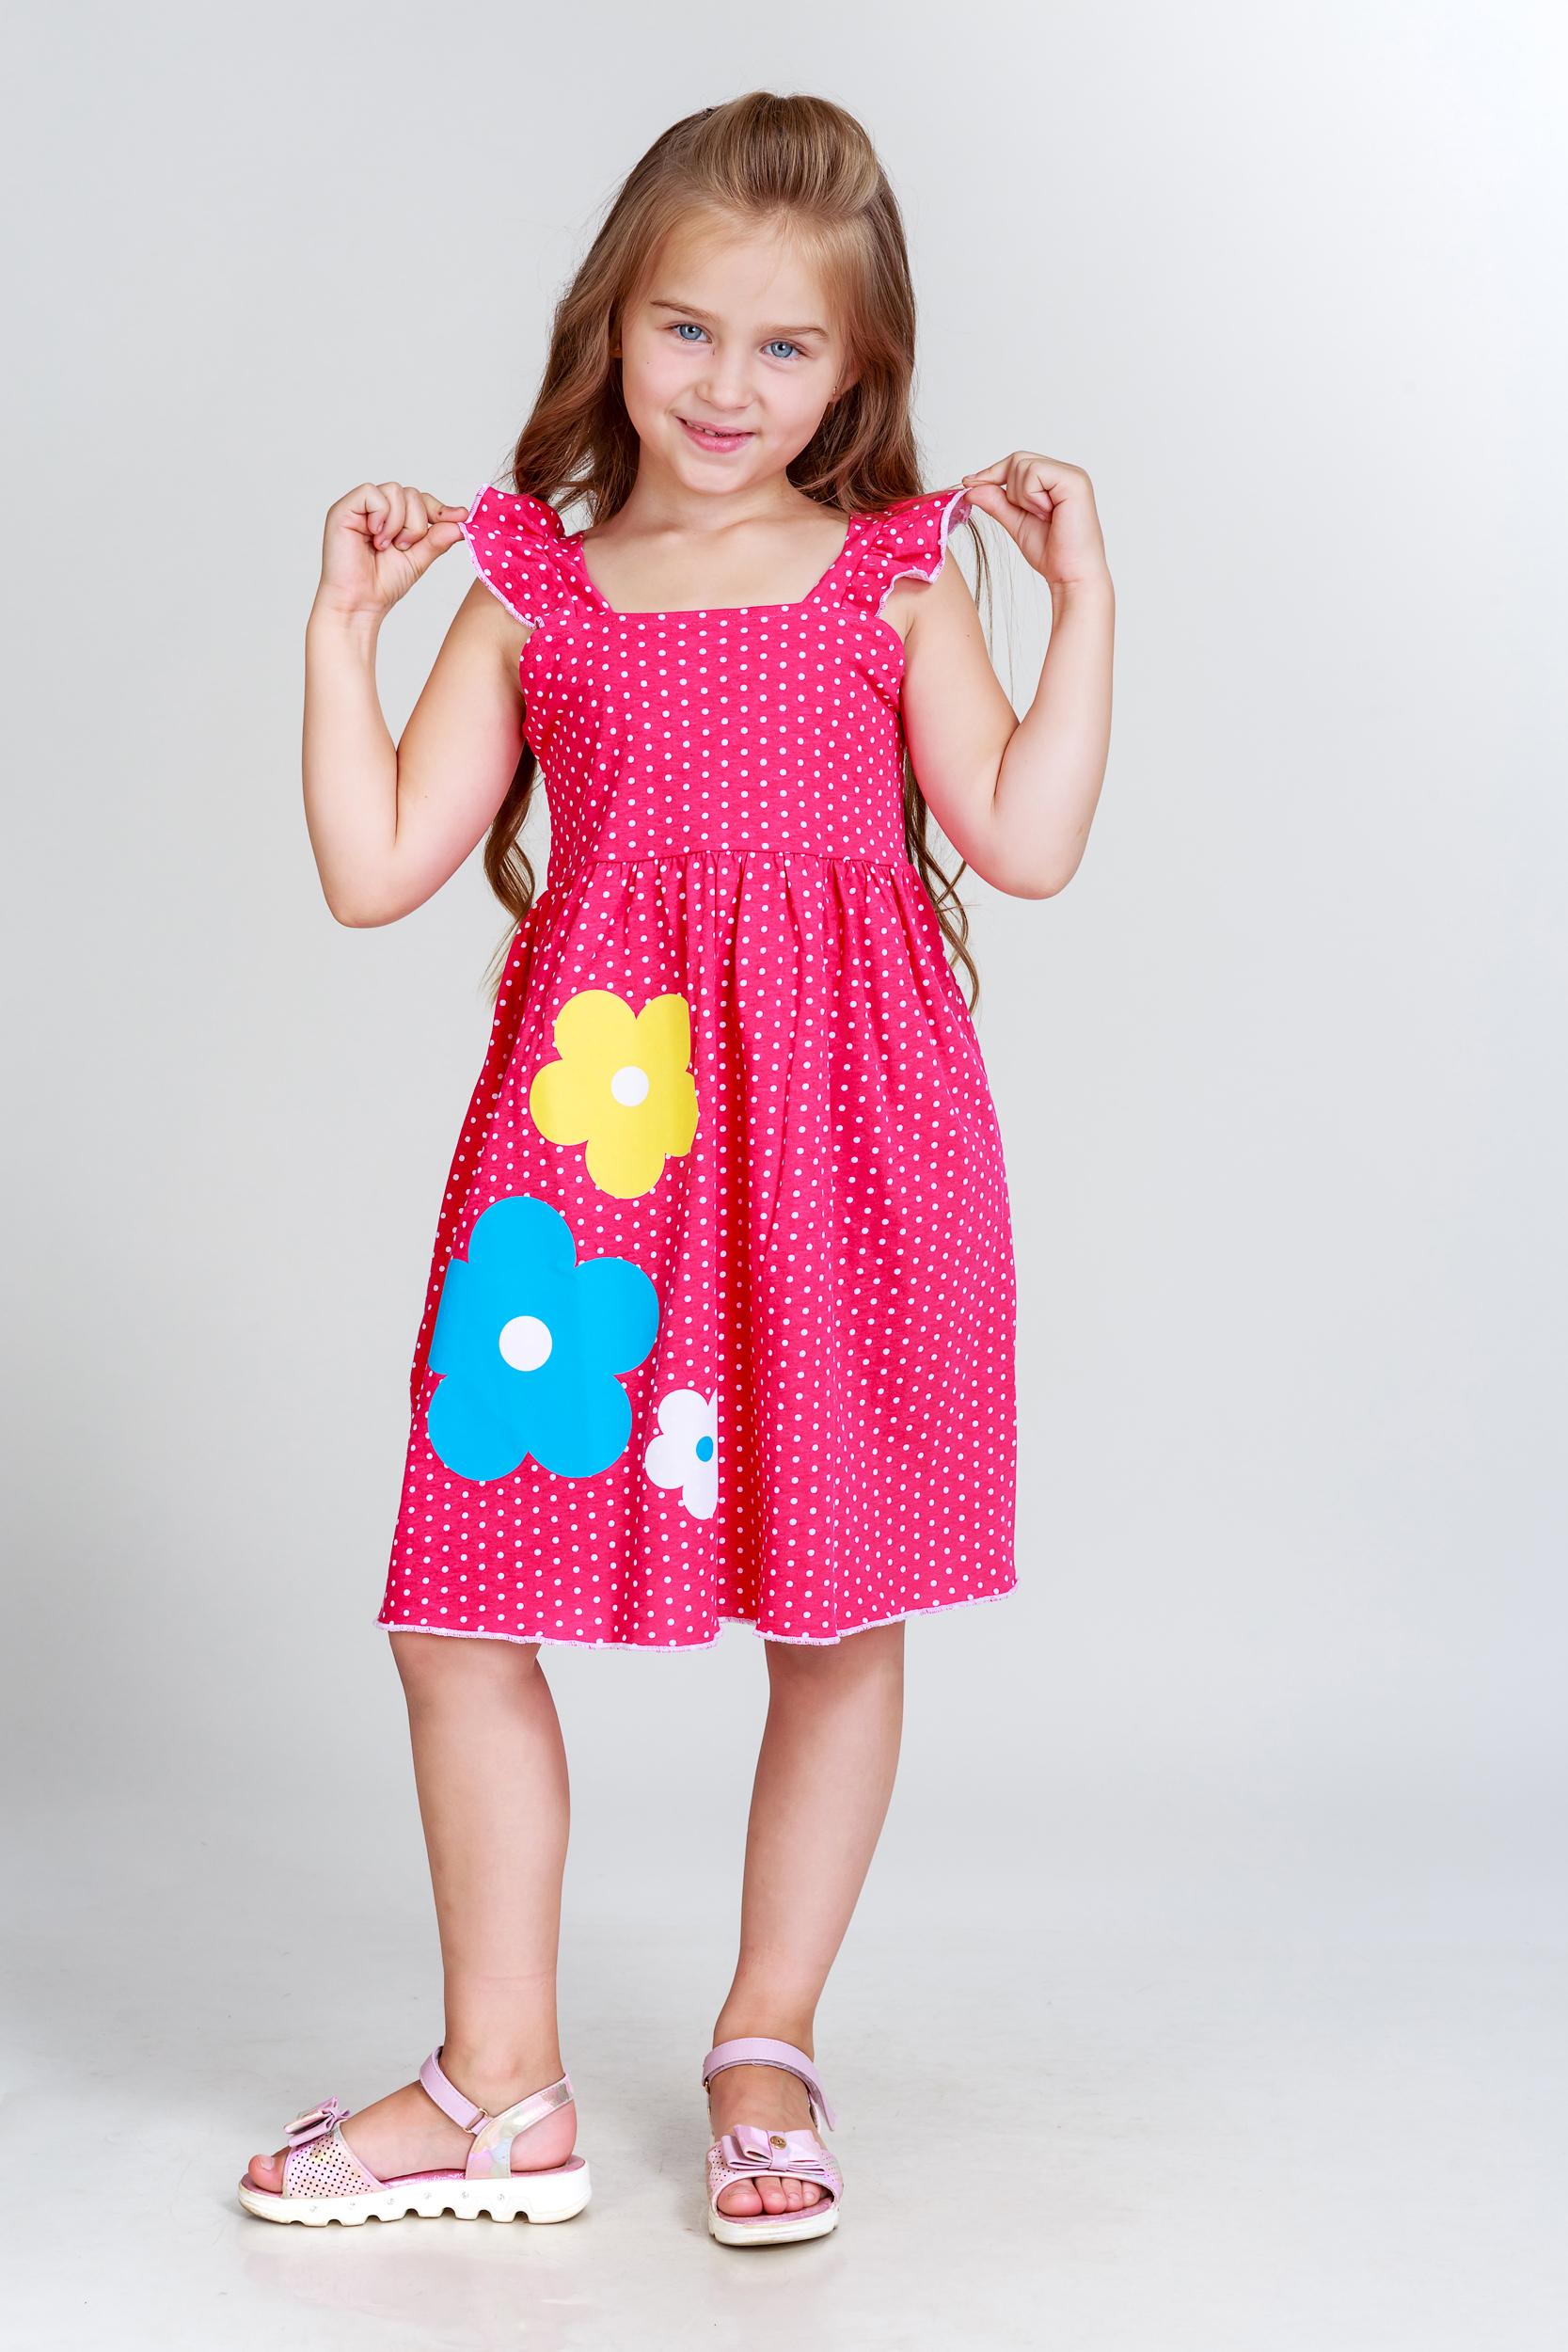 Детские туники, сарафаны Pastilla Платье Летнее Цвет: Малиновый (7 лет) купить часы мальчику 7 лет